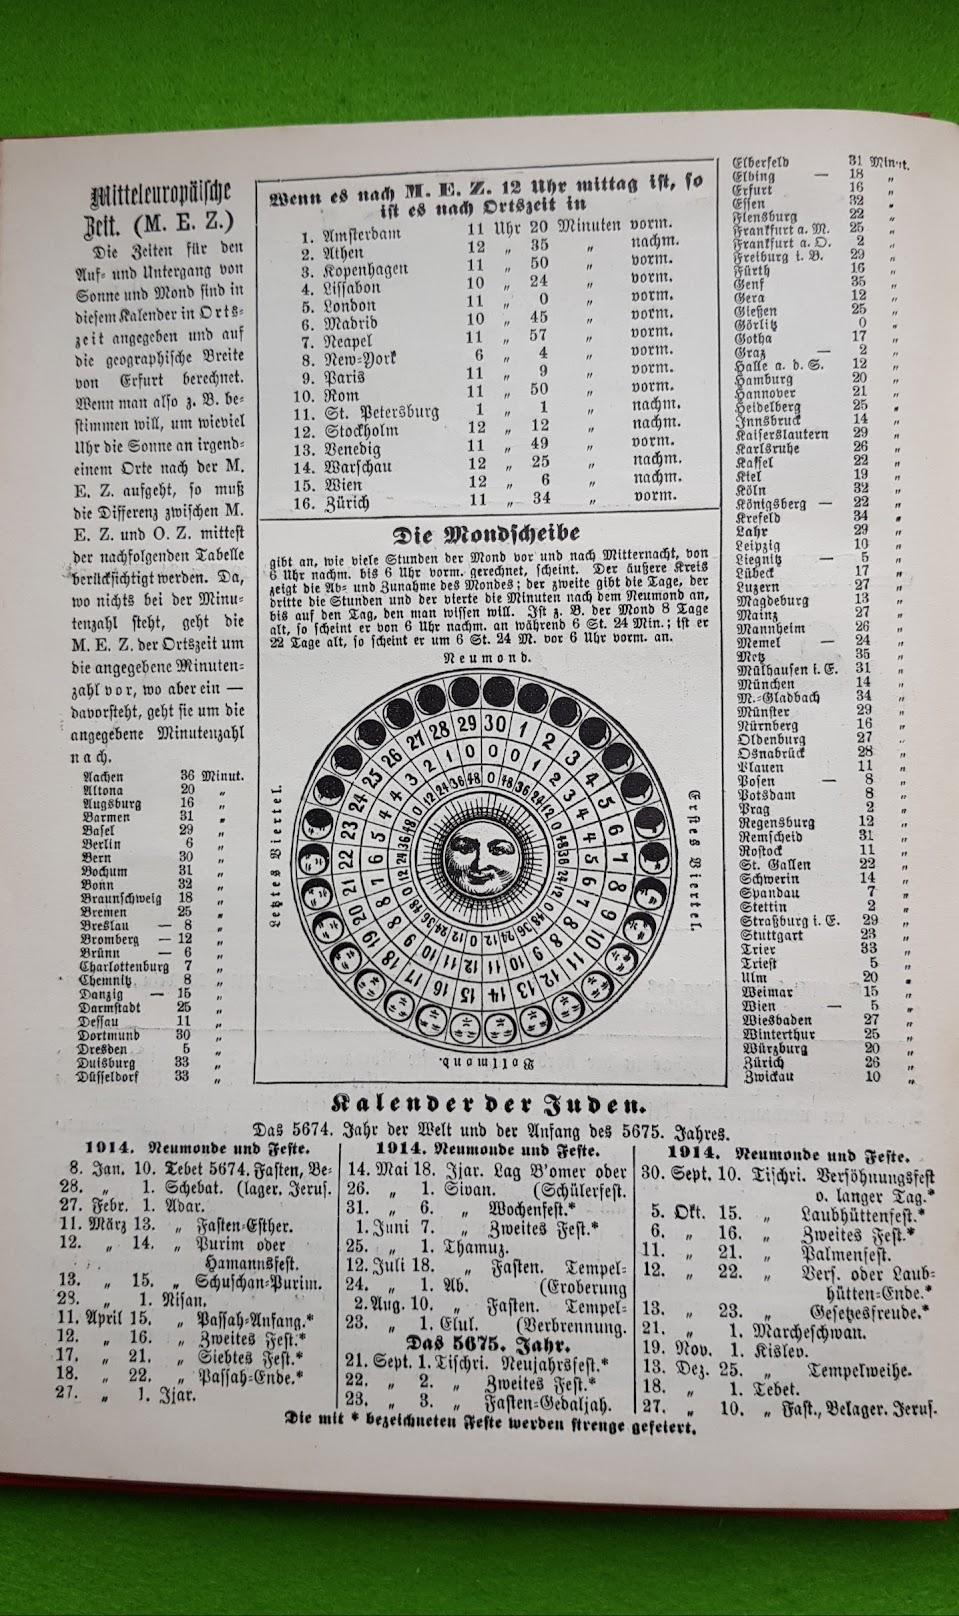 Großer Volkskalender des Lahrer hinkenden Boten - 1914 - jüdischer Kalender, Mondkalender